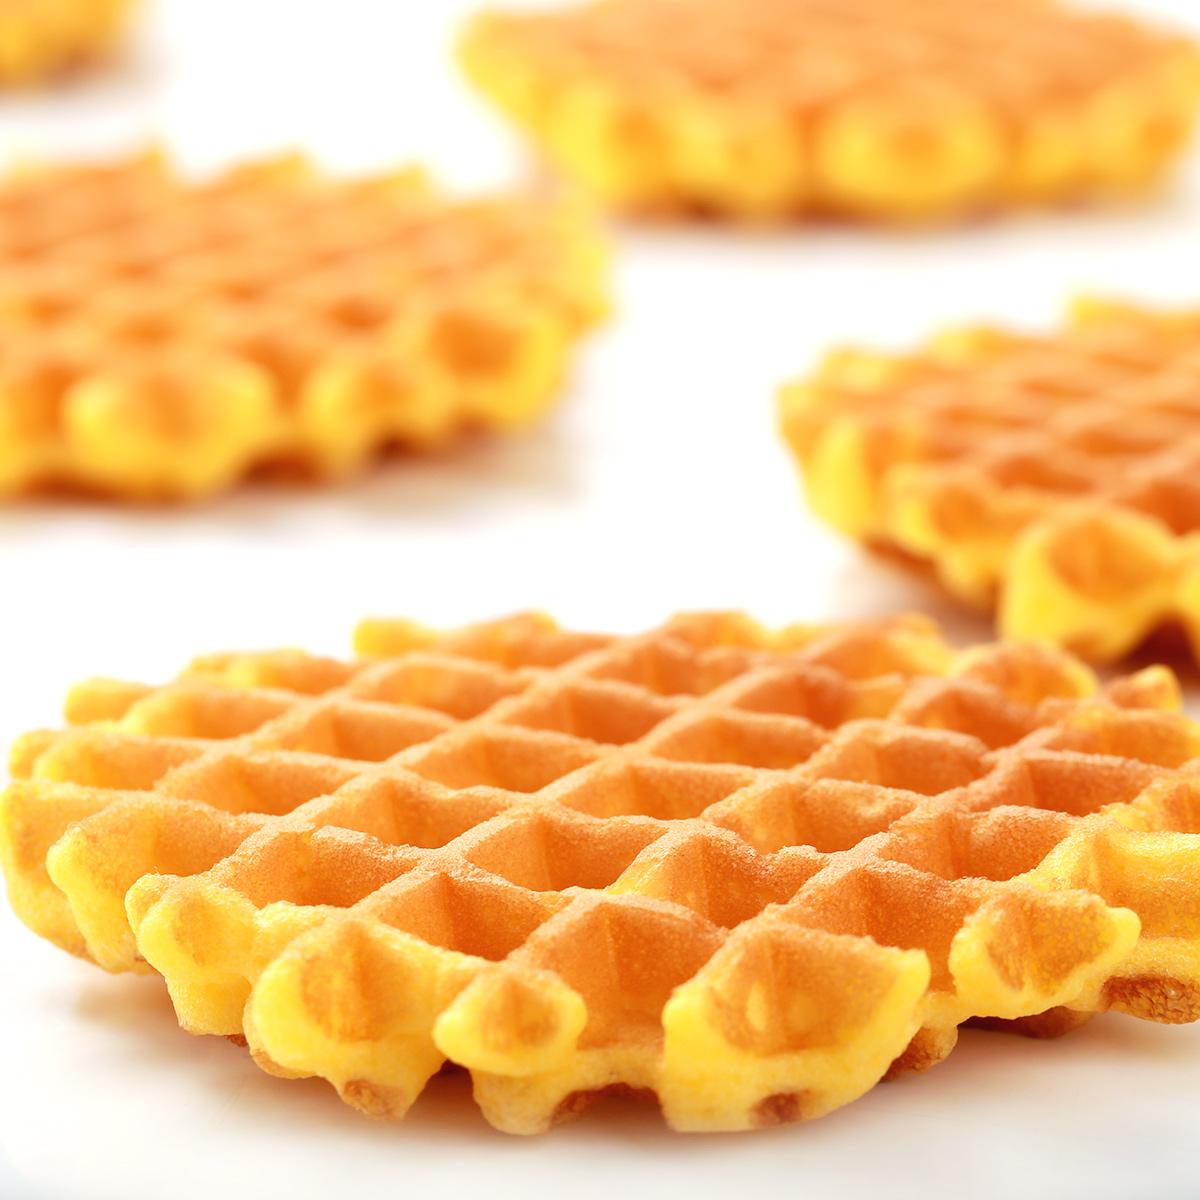 小白心里软黄油软华夫饼干营养早餐蛋糕休闲小吃零食整箱420g